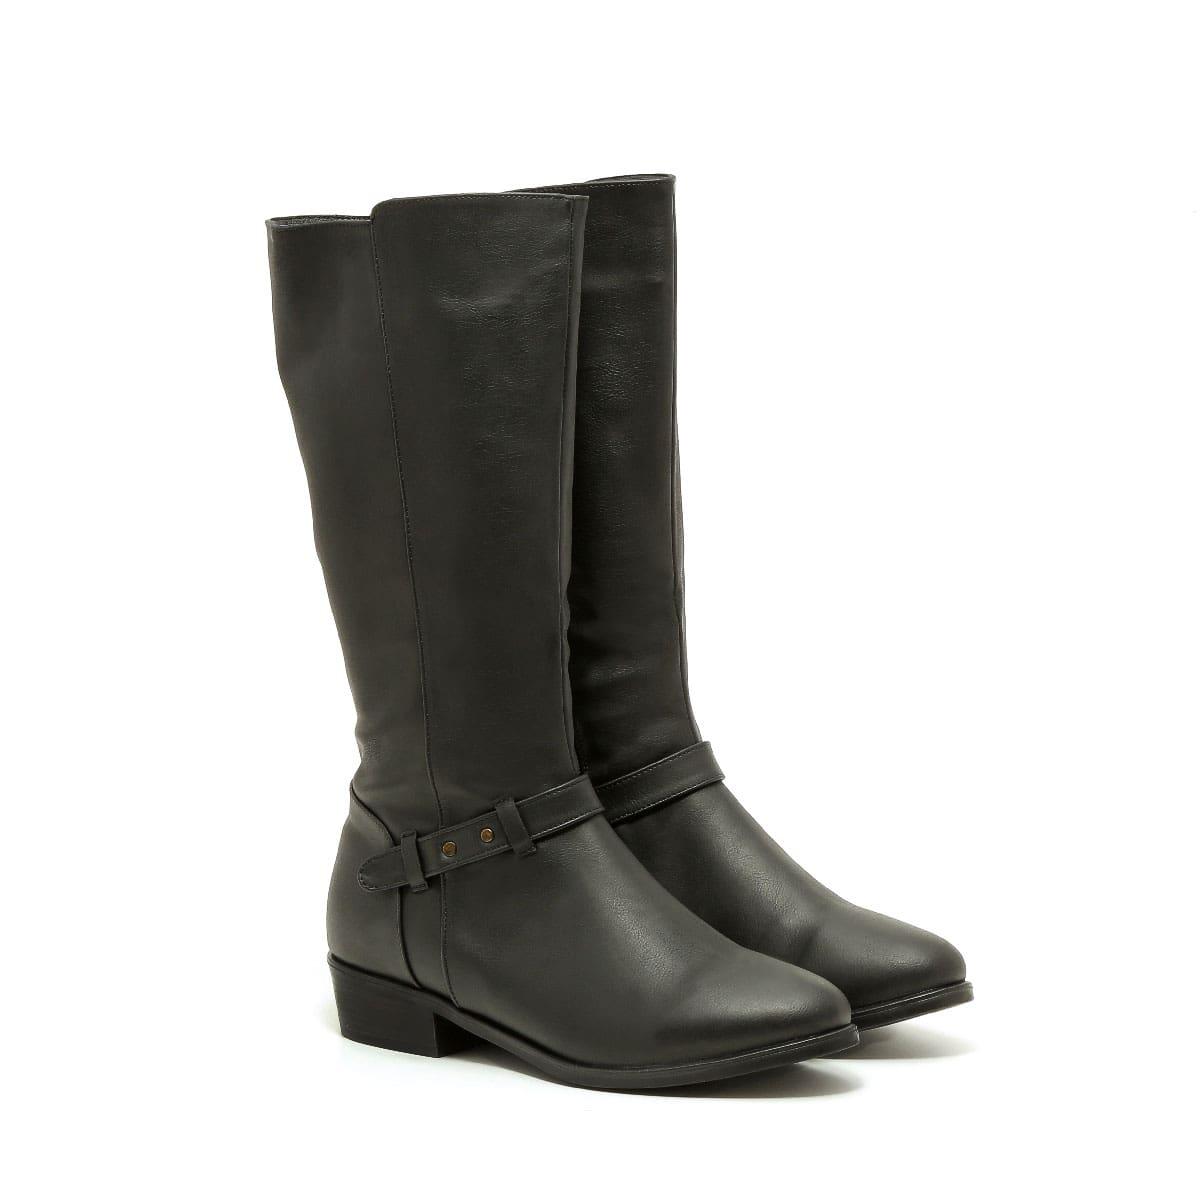 בלעדי לאתר - דגם טסה: מגפיים טבעוניים לנשים